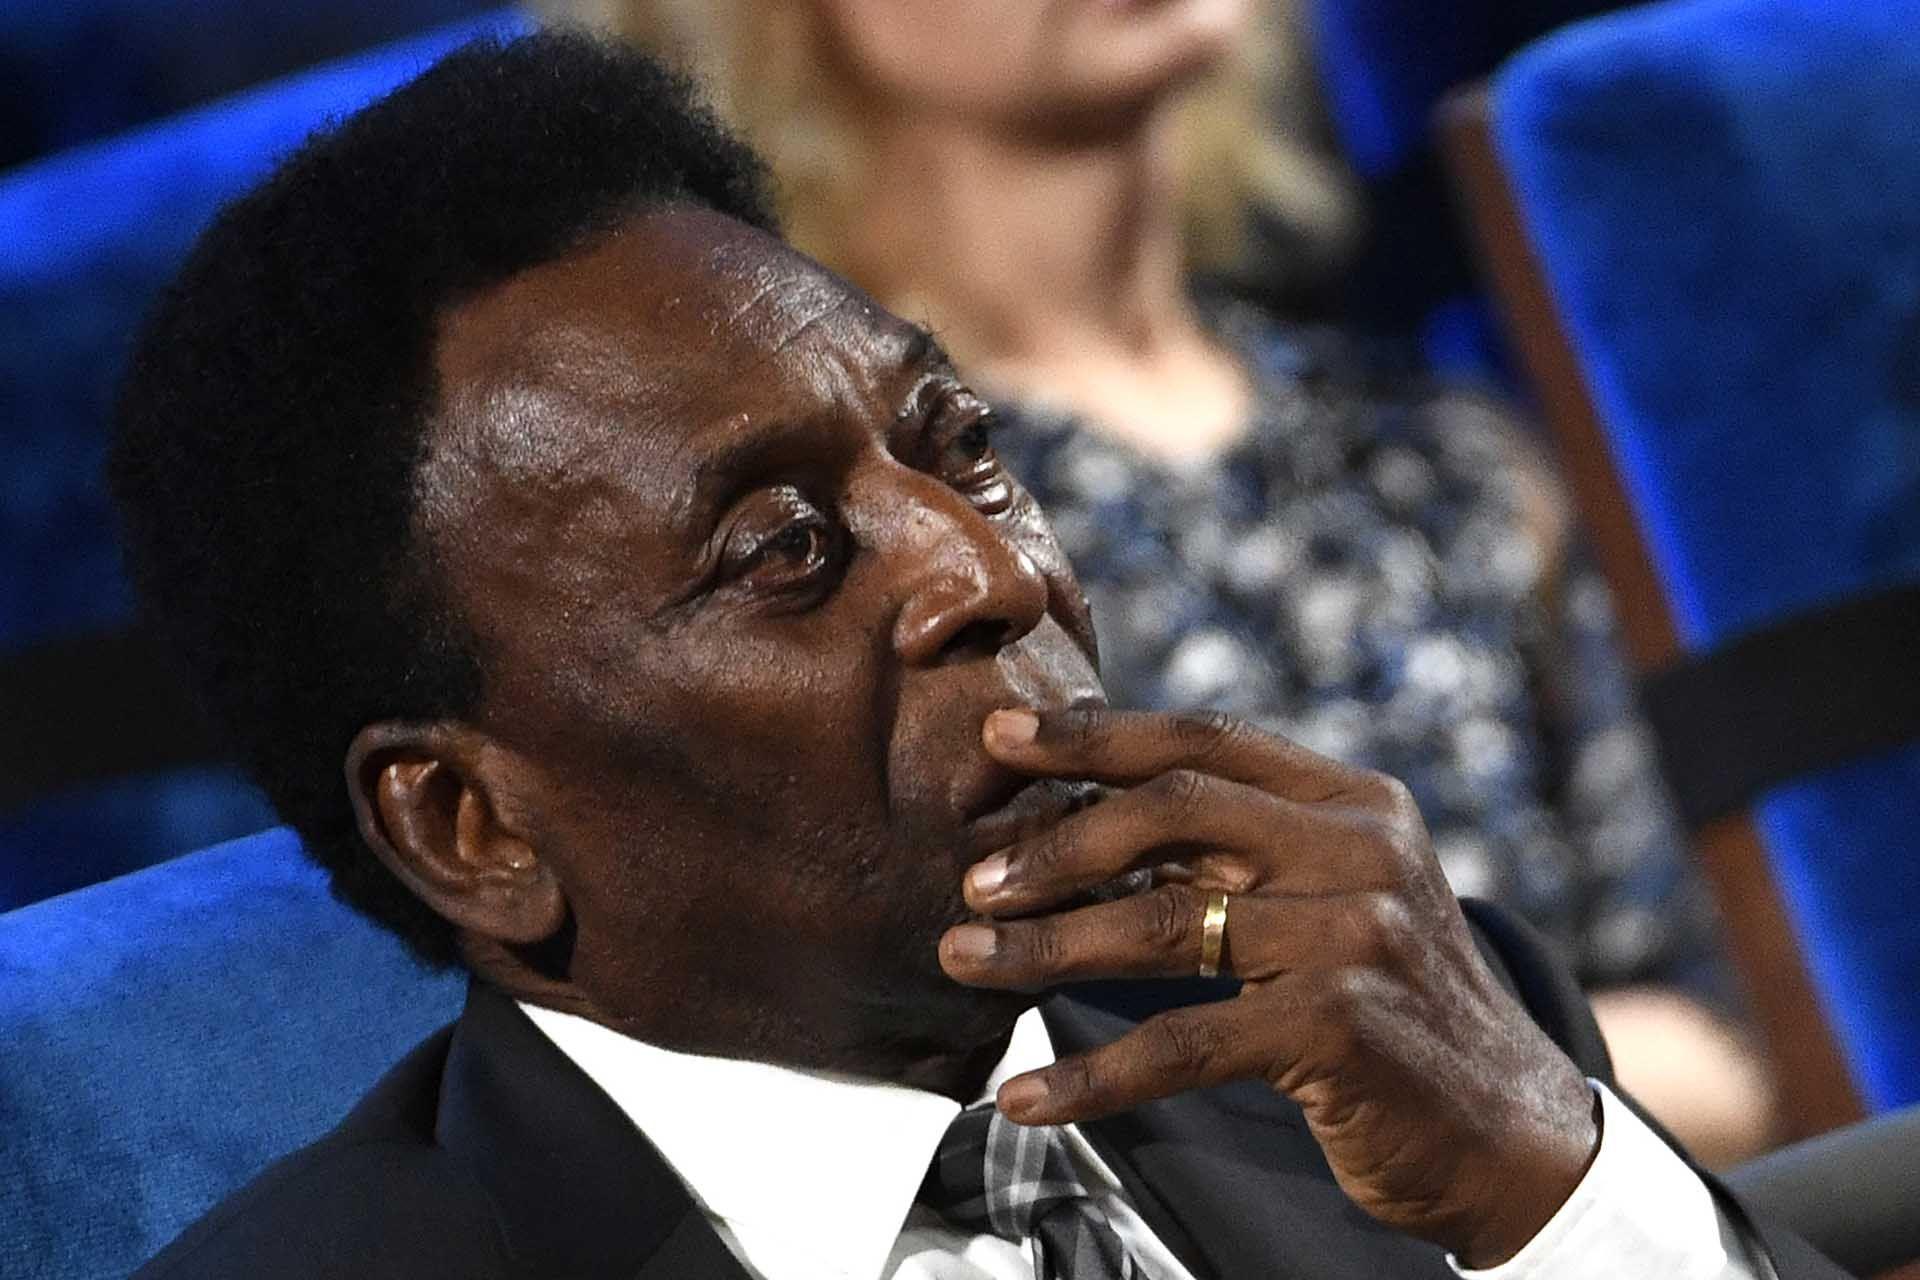 A poco de cumplir 80 años, Pelé confirmó que todavía se mantiene activo pese a sus dificultades físicas.